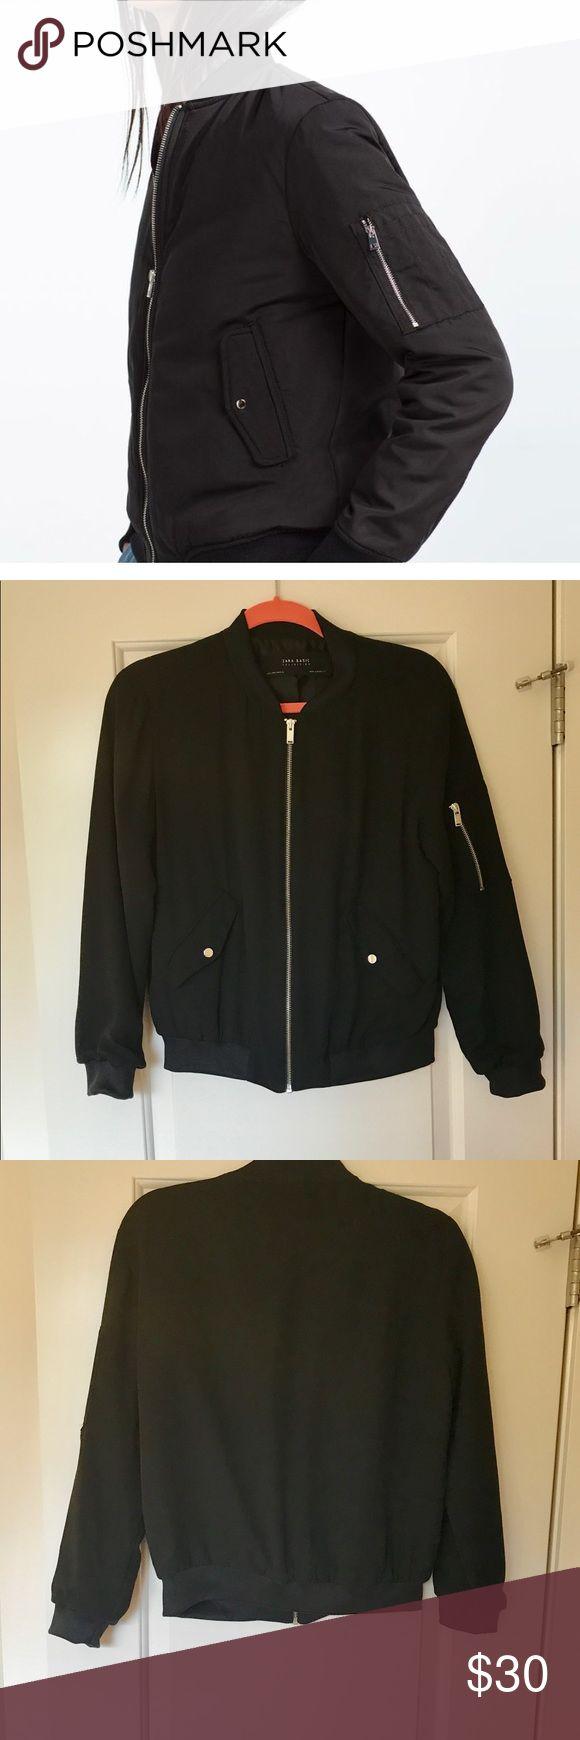 Zara nylon bomber jacket Black nylon Zara basic collection bomber jacket in EUC. Silver colored hardware. No signs of any wear! Zara Jackets & Coats Utility Jackets